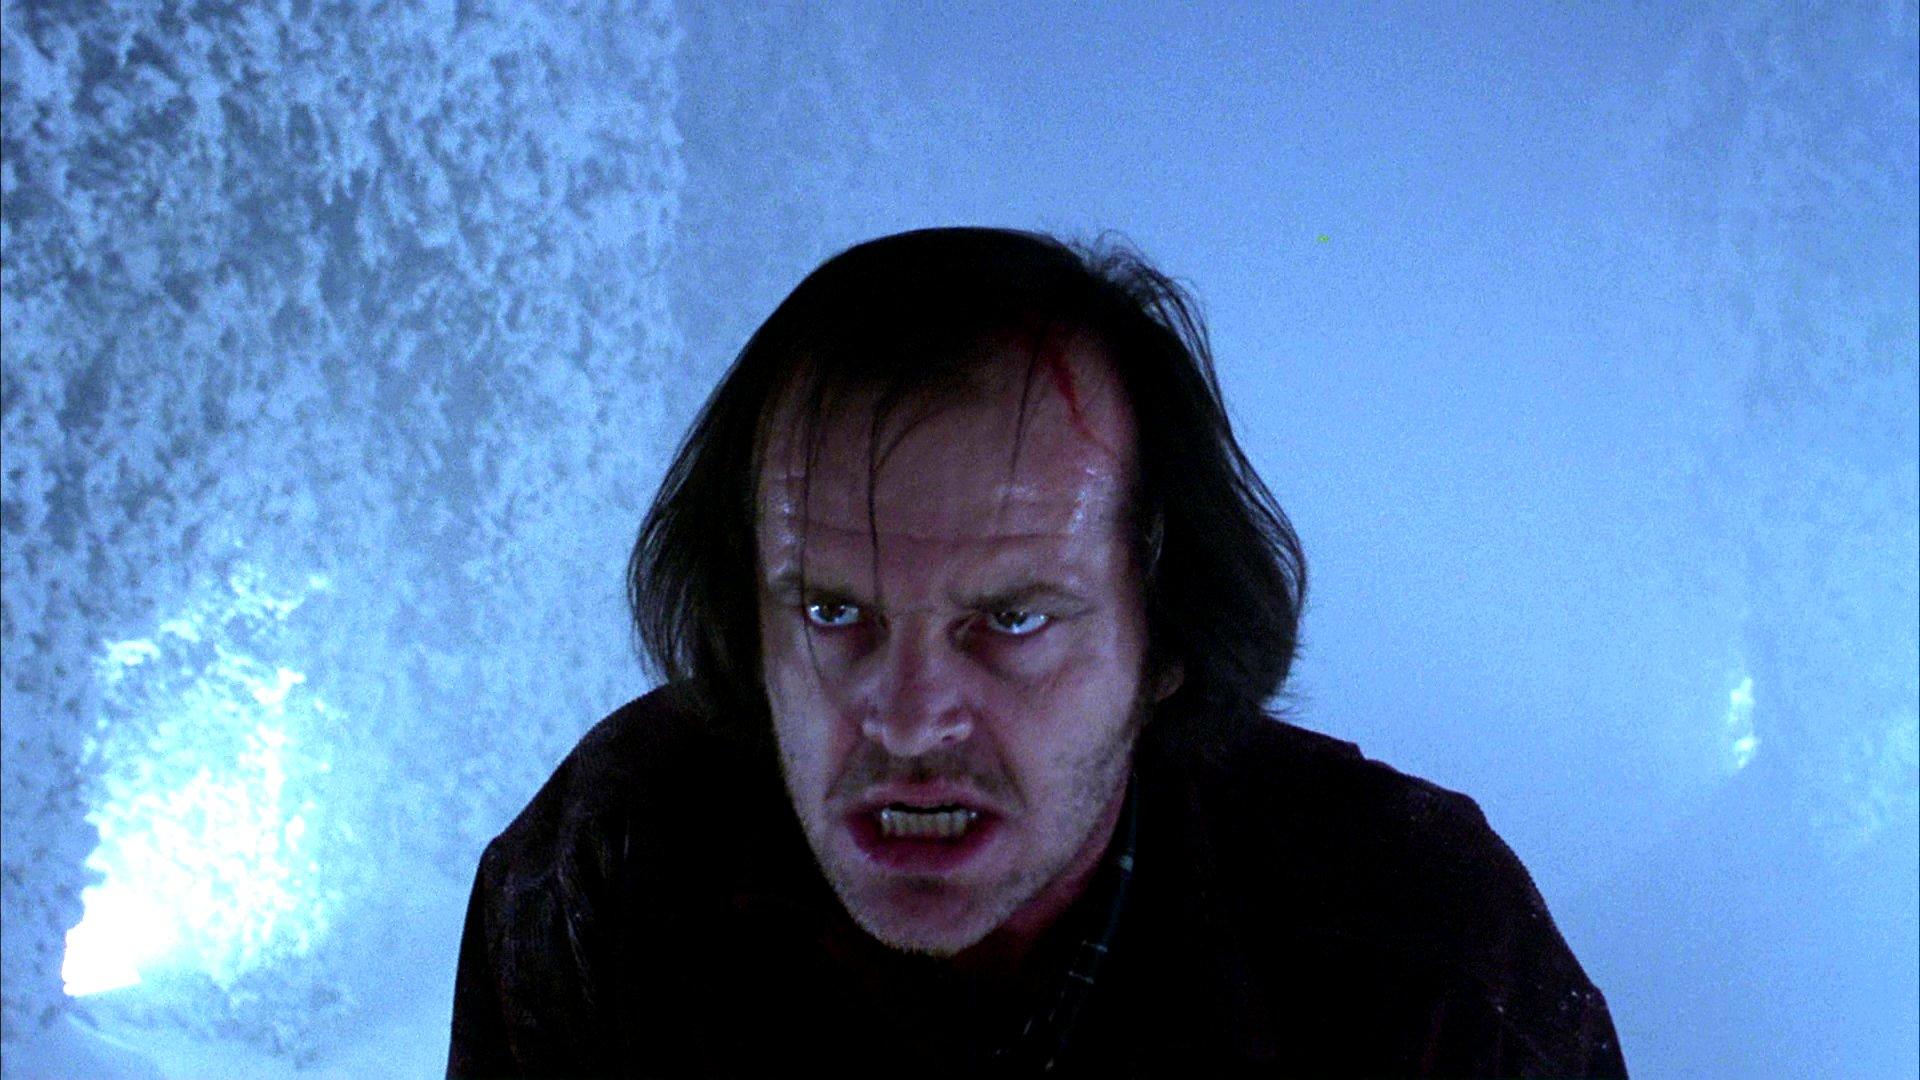 THE SHINING horror thriller dark movie film wallpaper ...